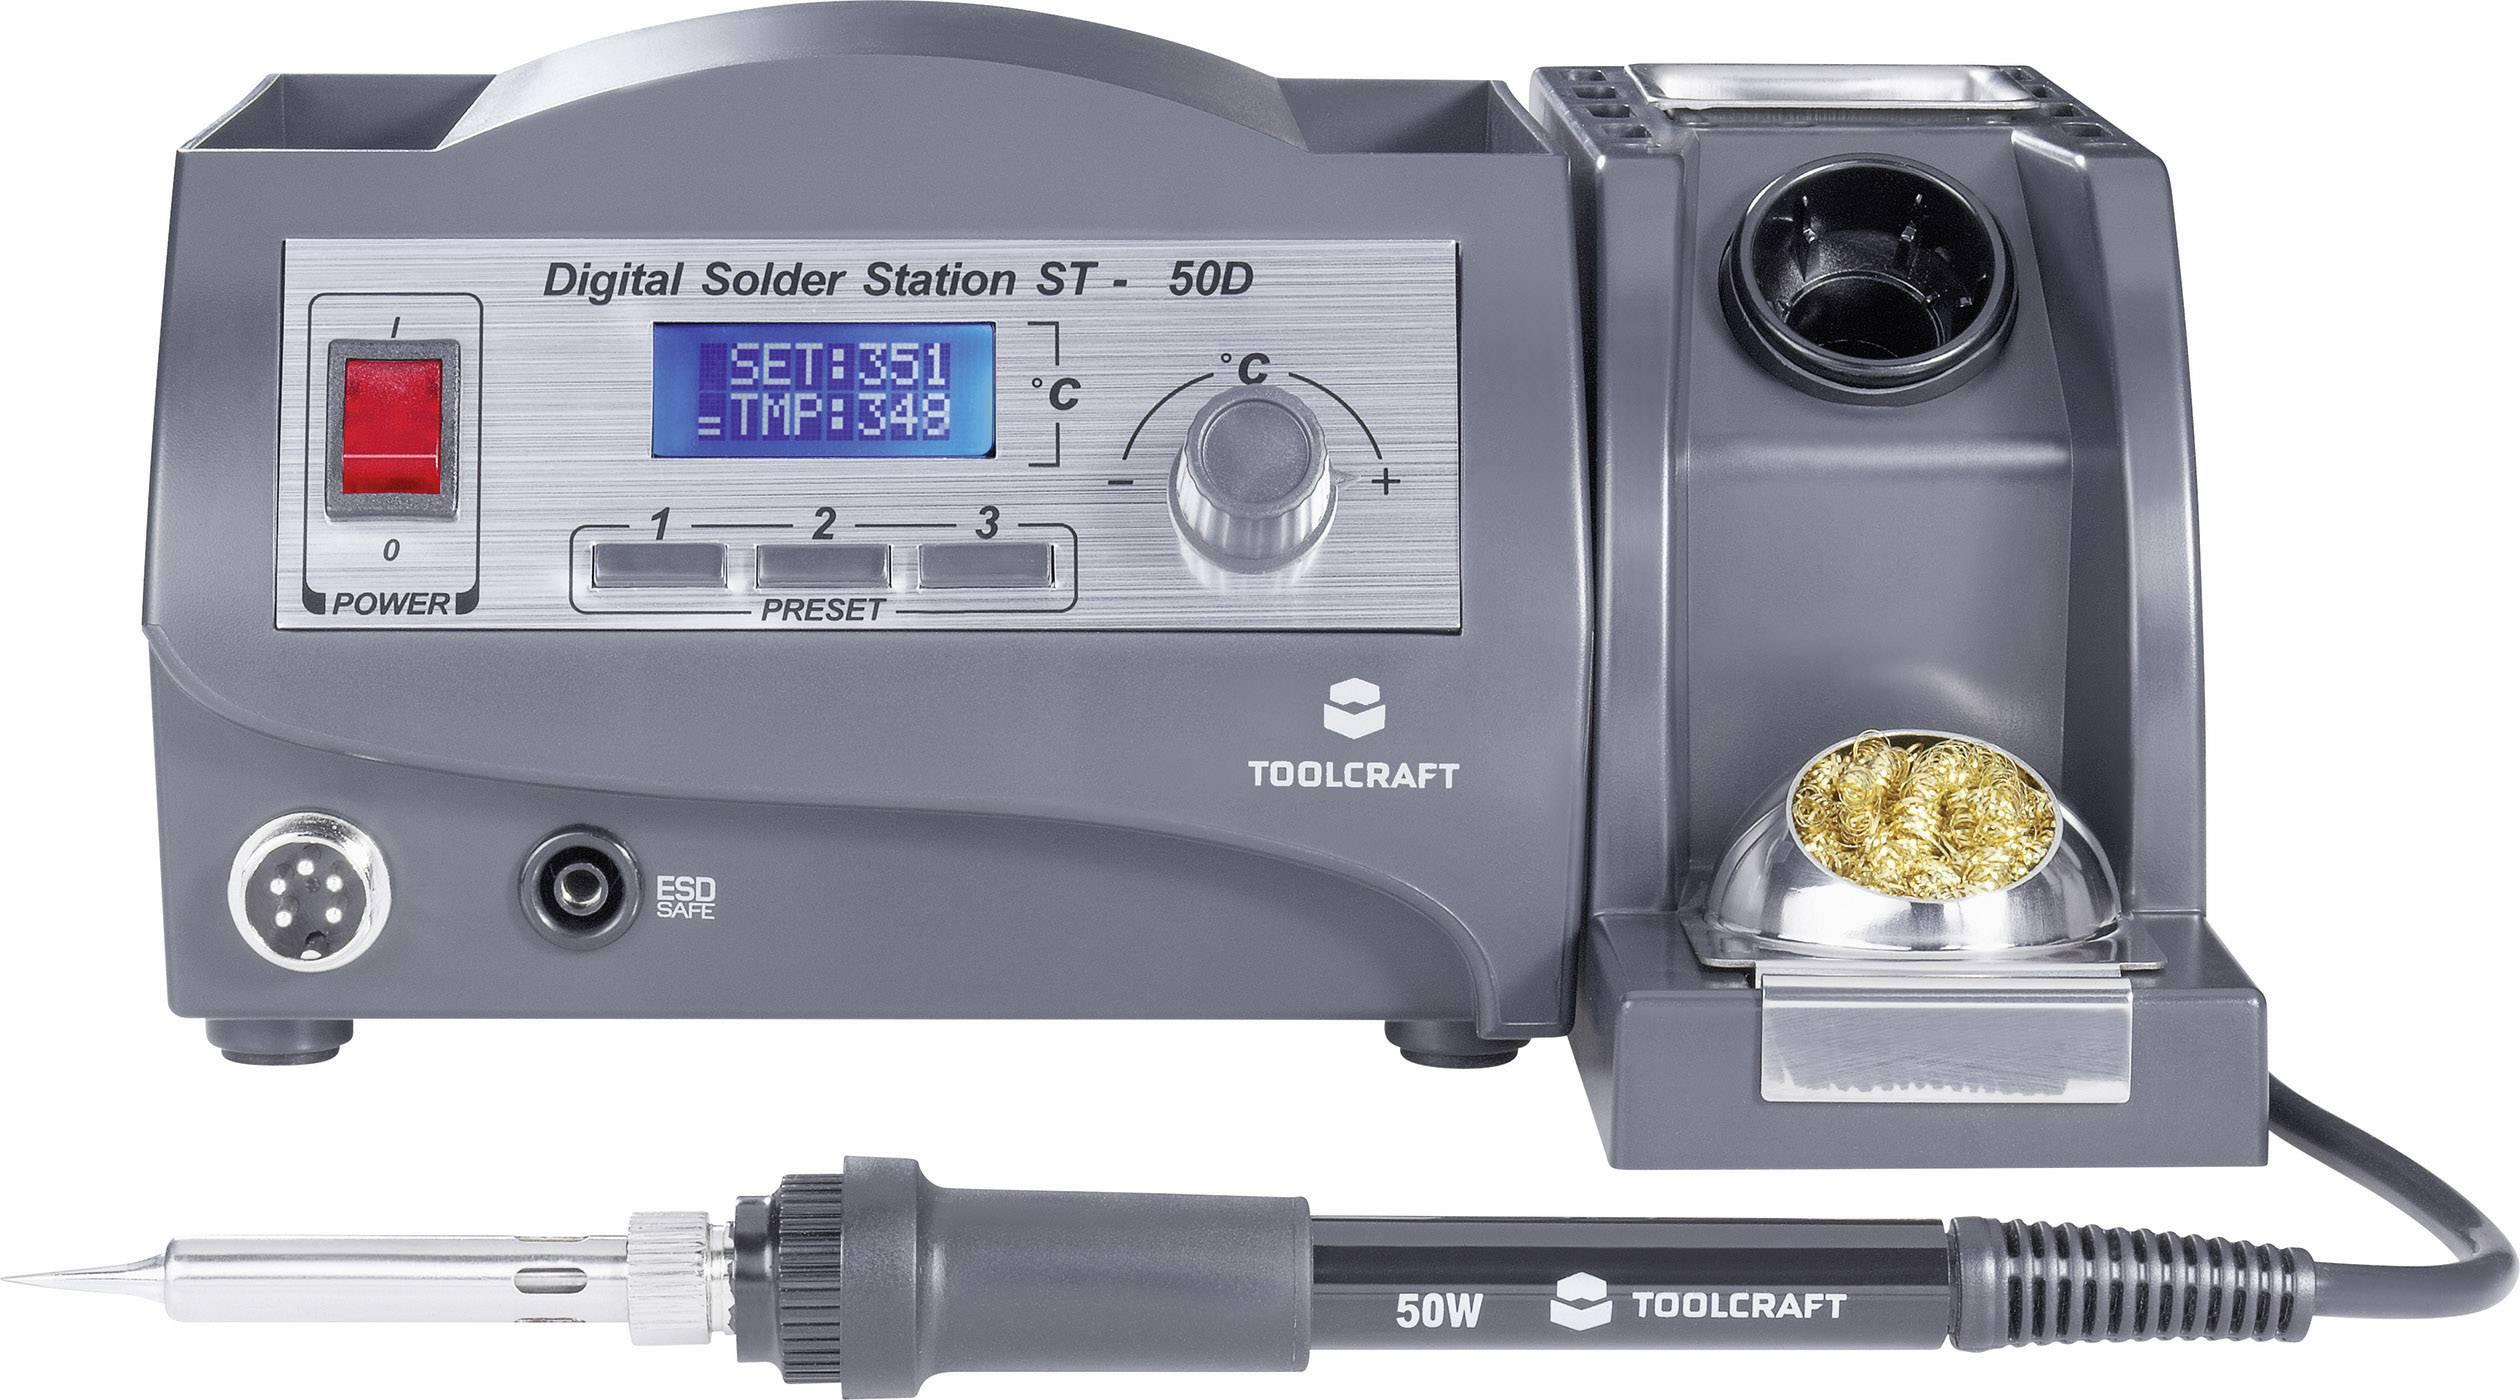 Pájecí stanice TOOLCRAFT ST-50D 791787, digitální, 50 W, +150 až +450 °C